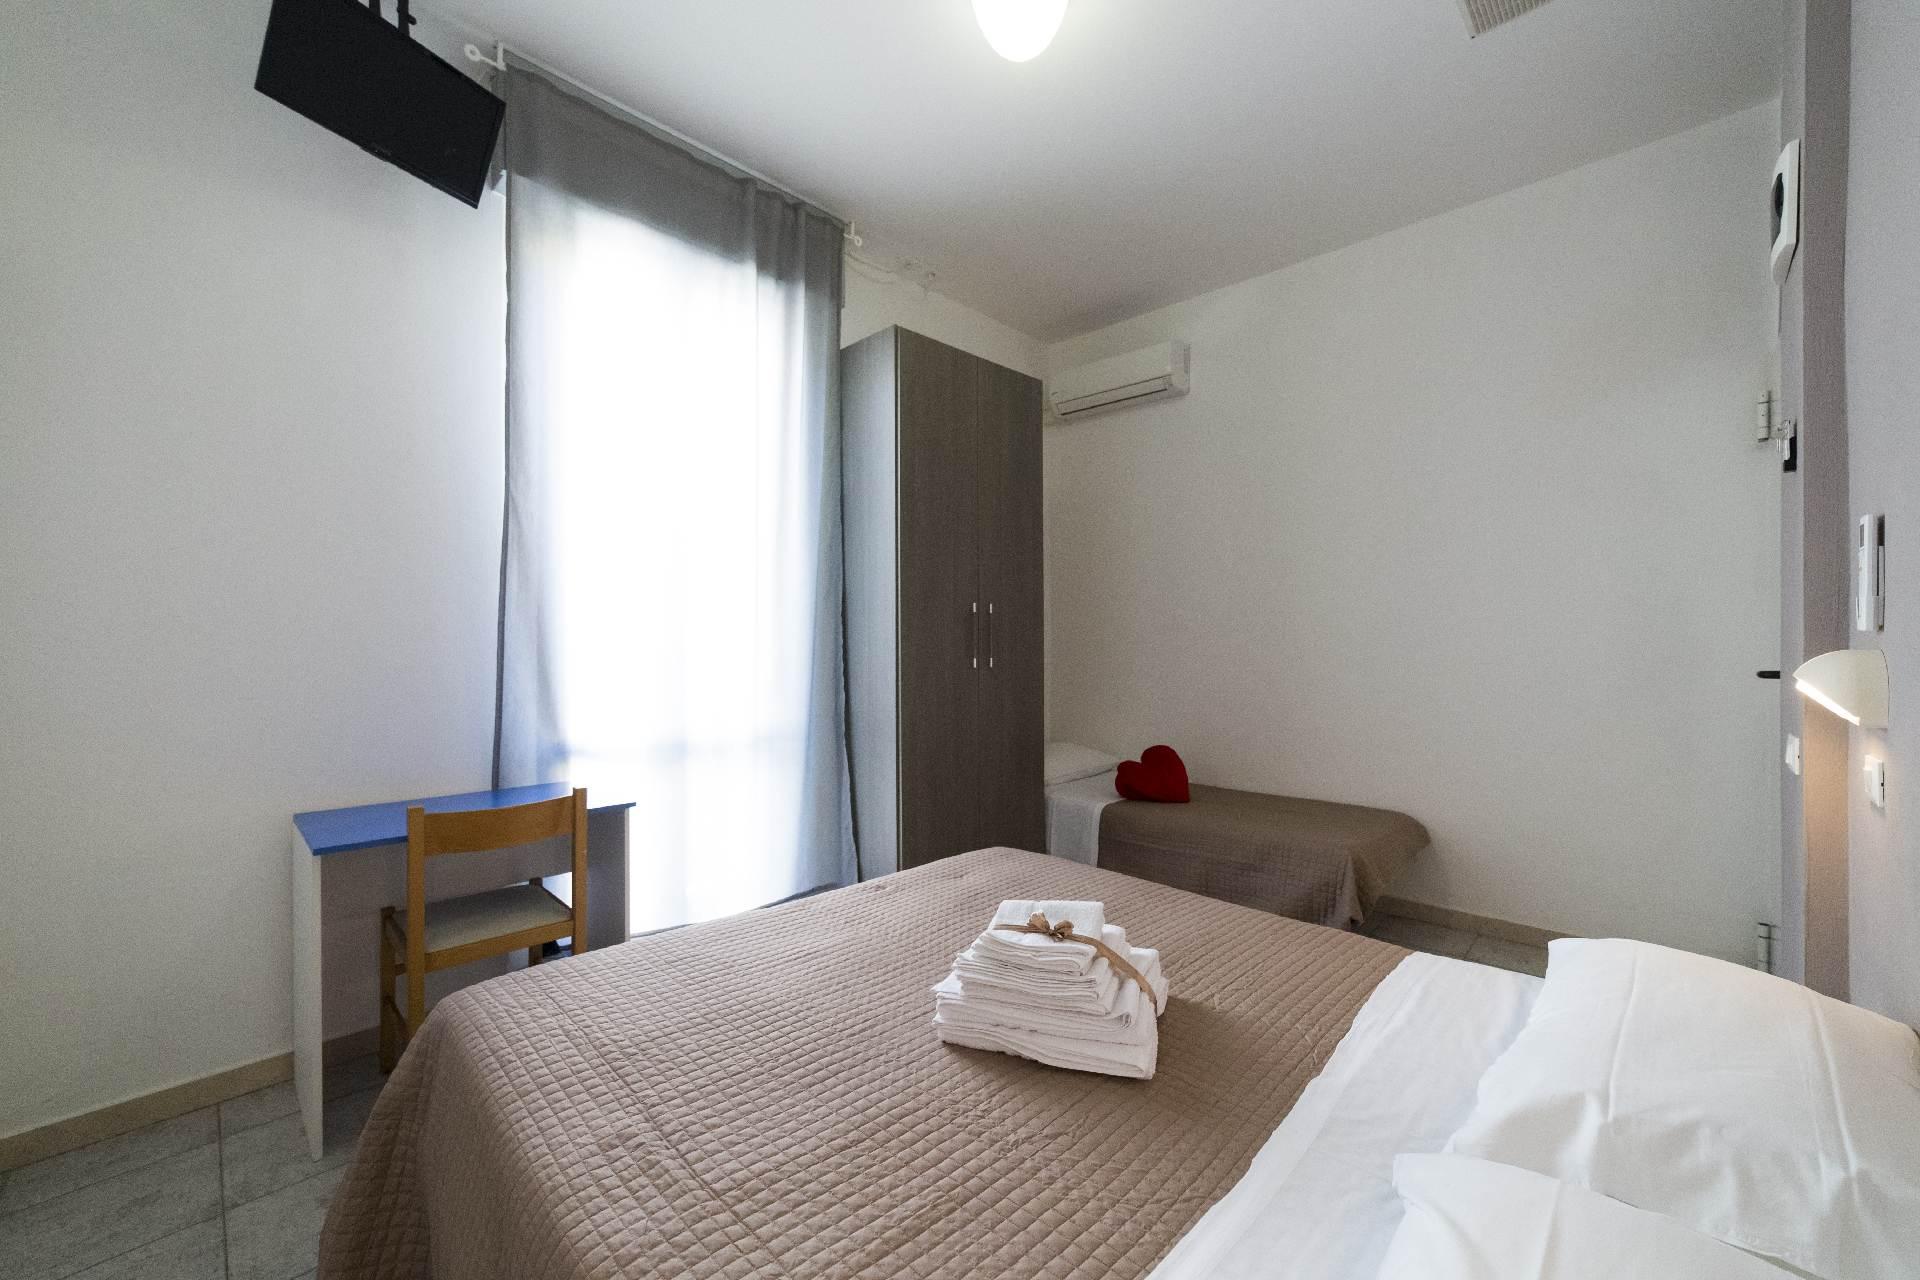 Le camere, Foto ed immagini   Hotel Belsoggiorno